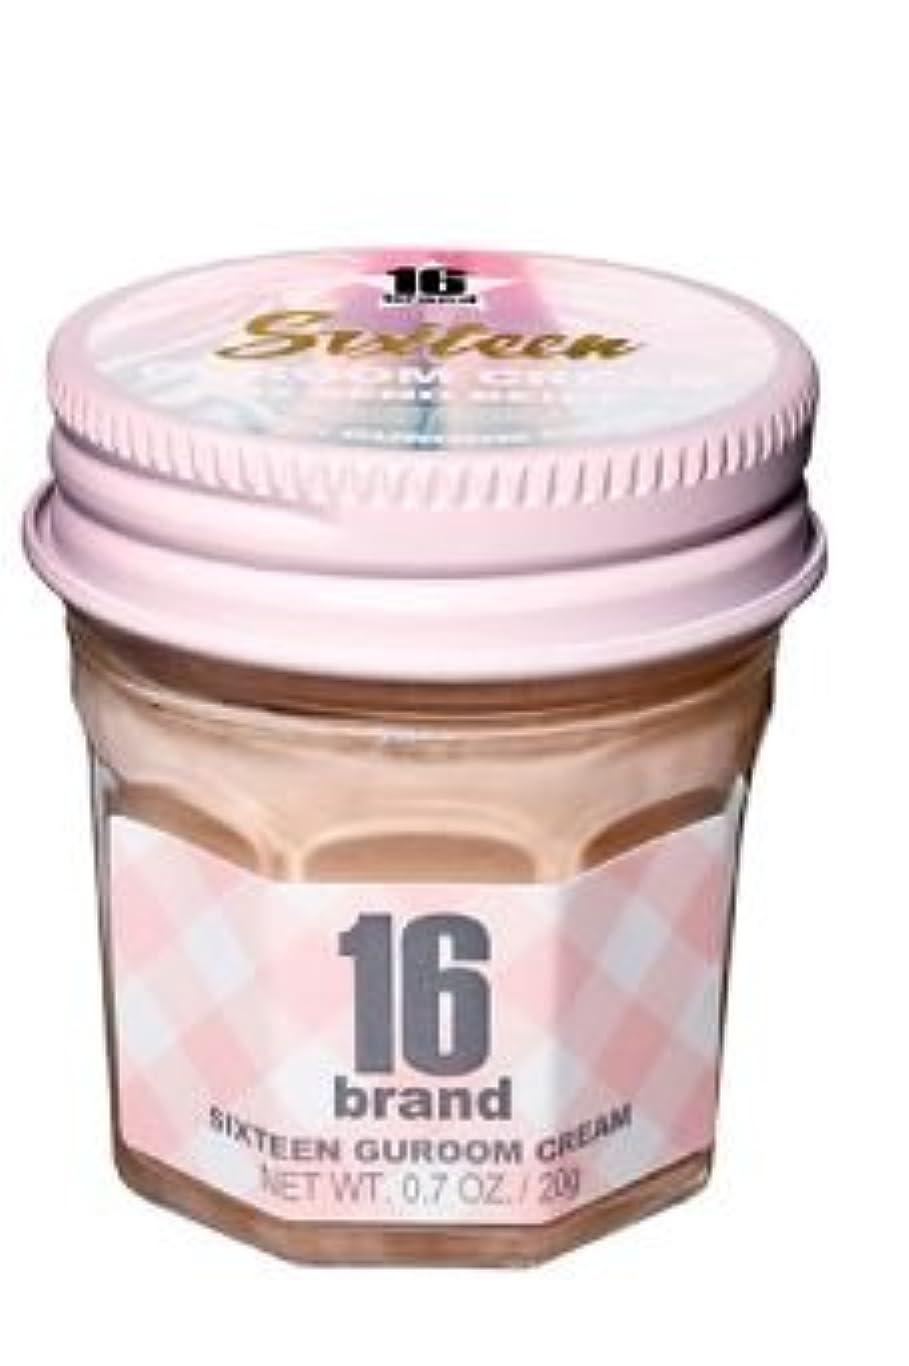 敵対的ジョージスティーブンソンコンドーム16brand Sixteen Guroom Cream Foundation 20g/16ブランド シックスティーン クルム クリーム ファンデーション 20g (#2 Sand Beige) [並行輸入品]